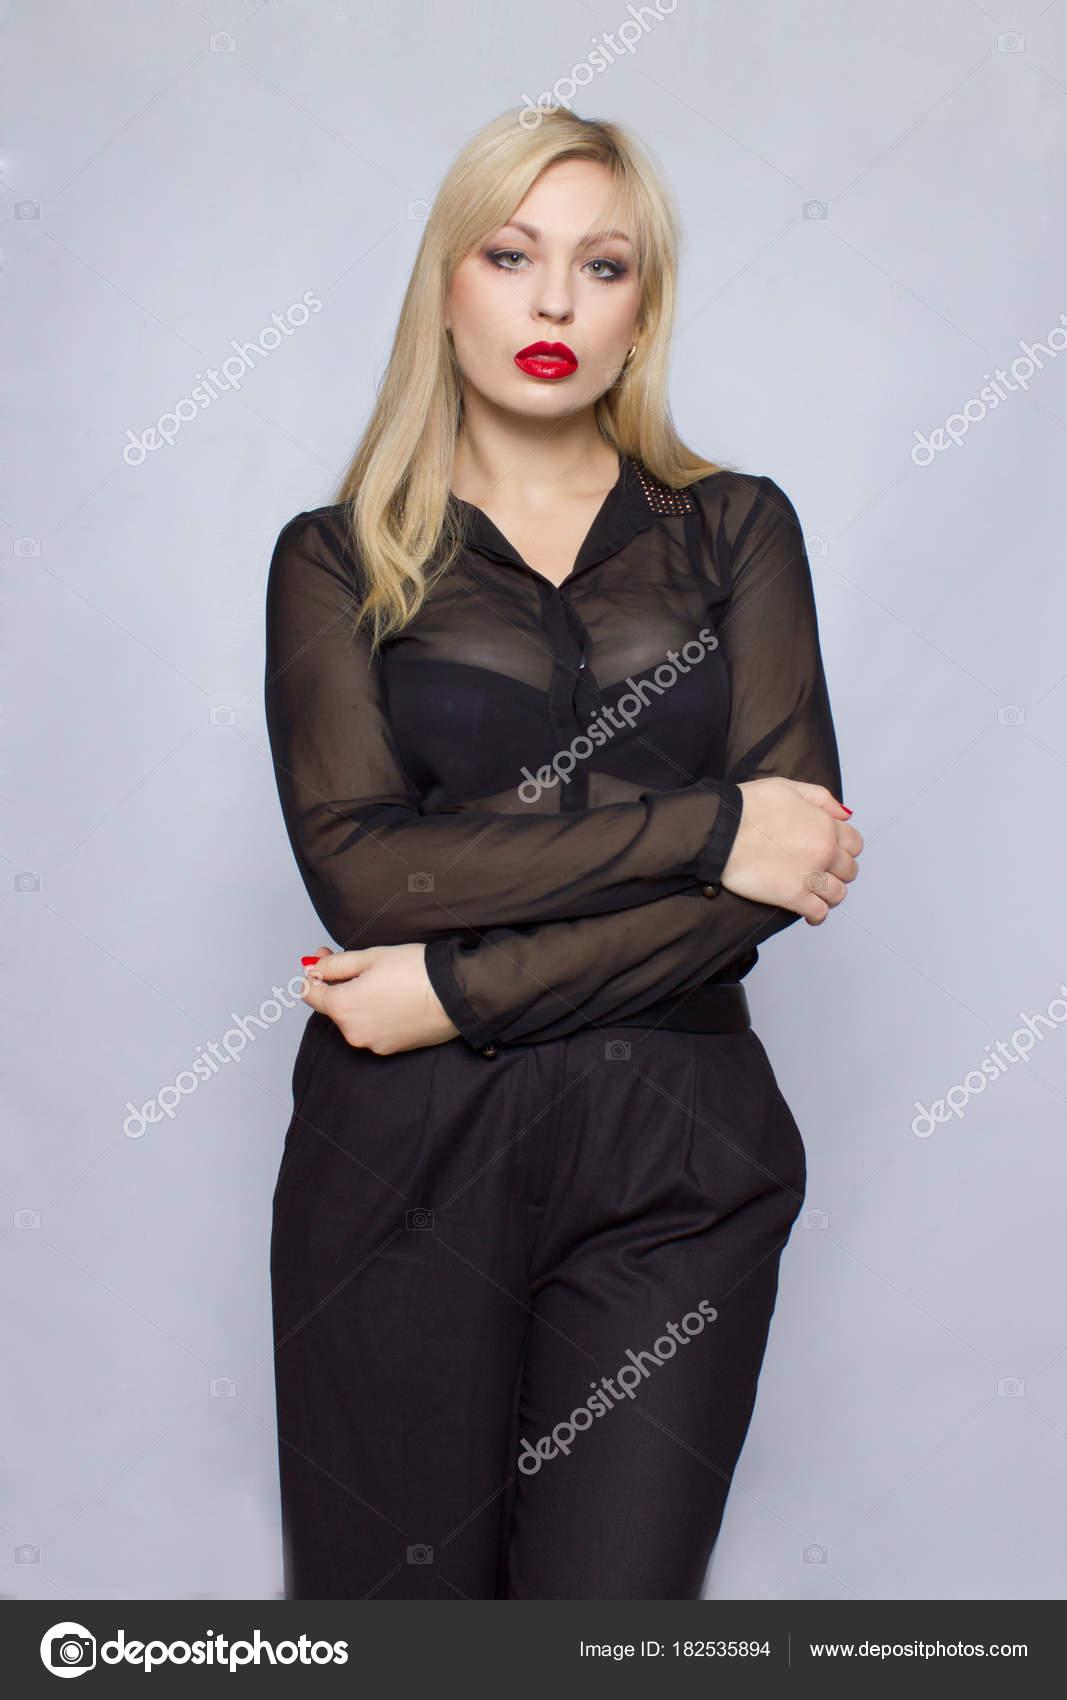 1ddacf47ab Szép szexi csinos lány viselni a fekete ruha blúz és nadrág hölgy főnök  üzleti nő tan bőr hosszú, szőke haja fél stílus divat védőharang stúdió  szürke ...